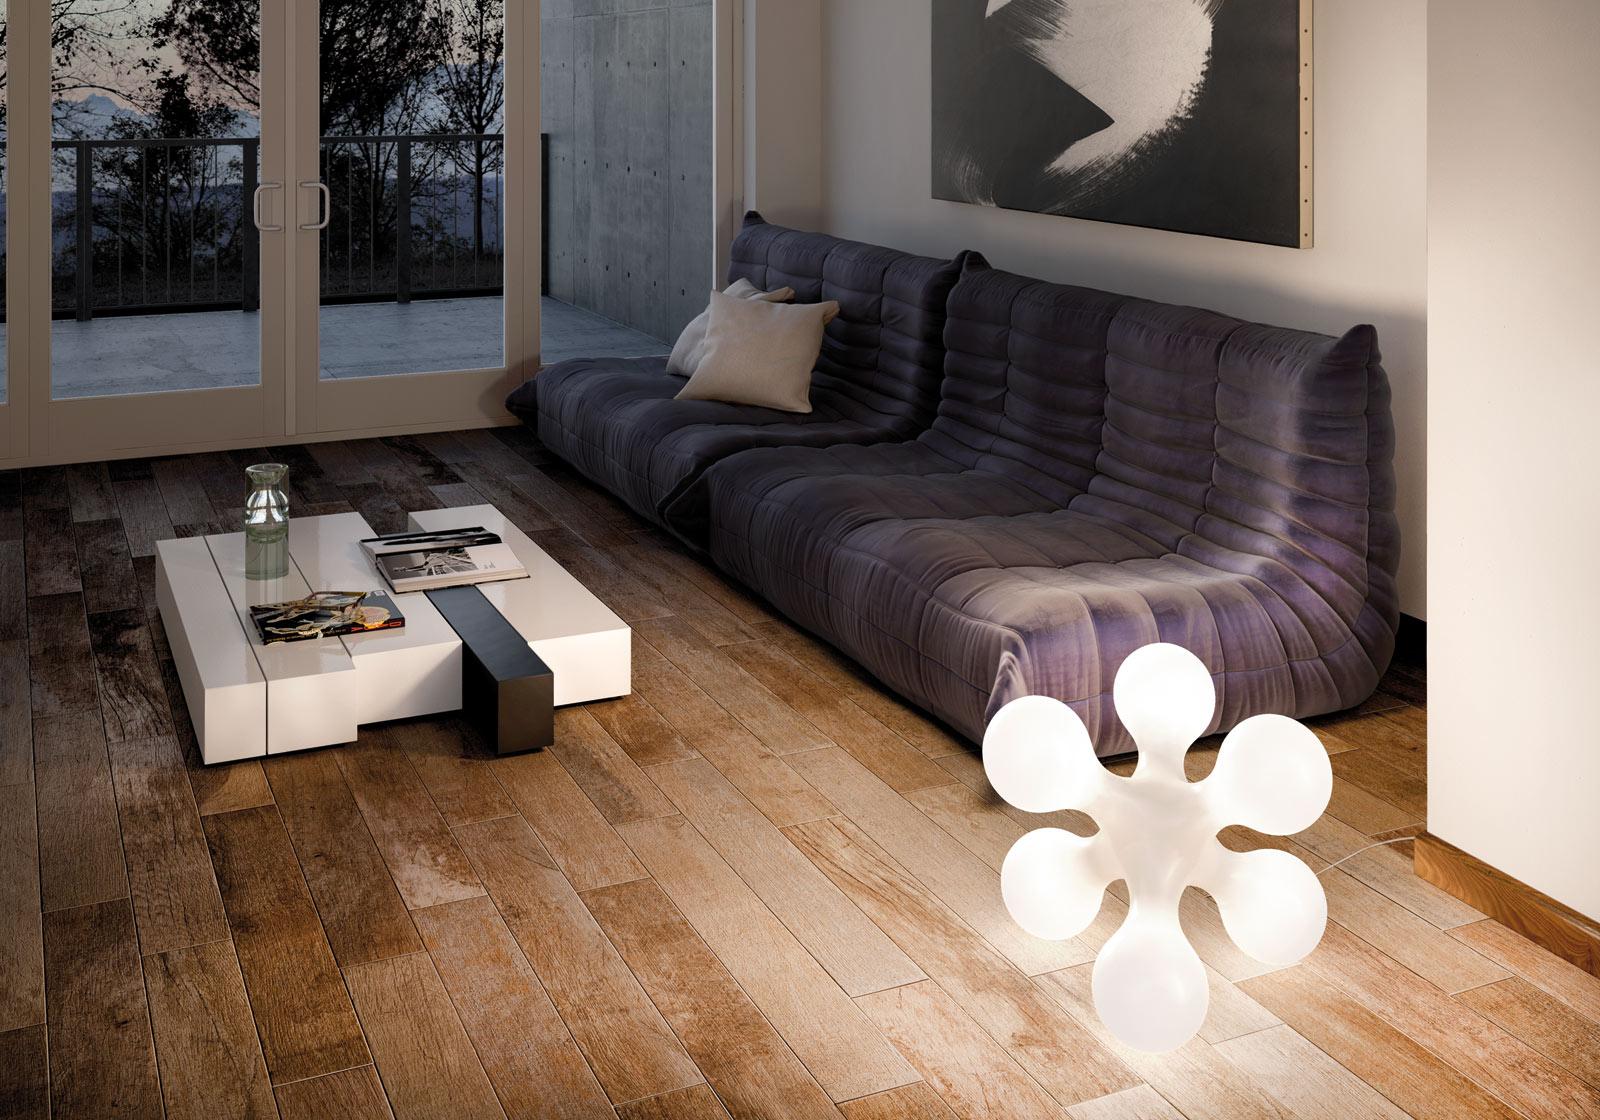 interieur-futuriste-design-02